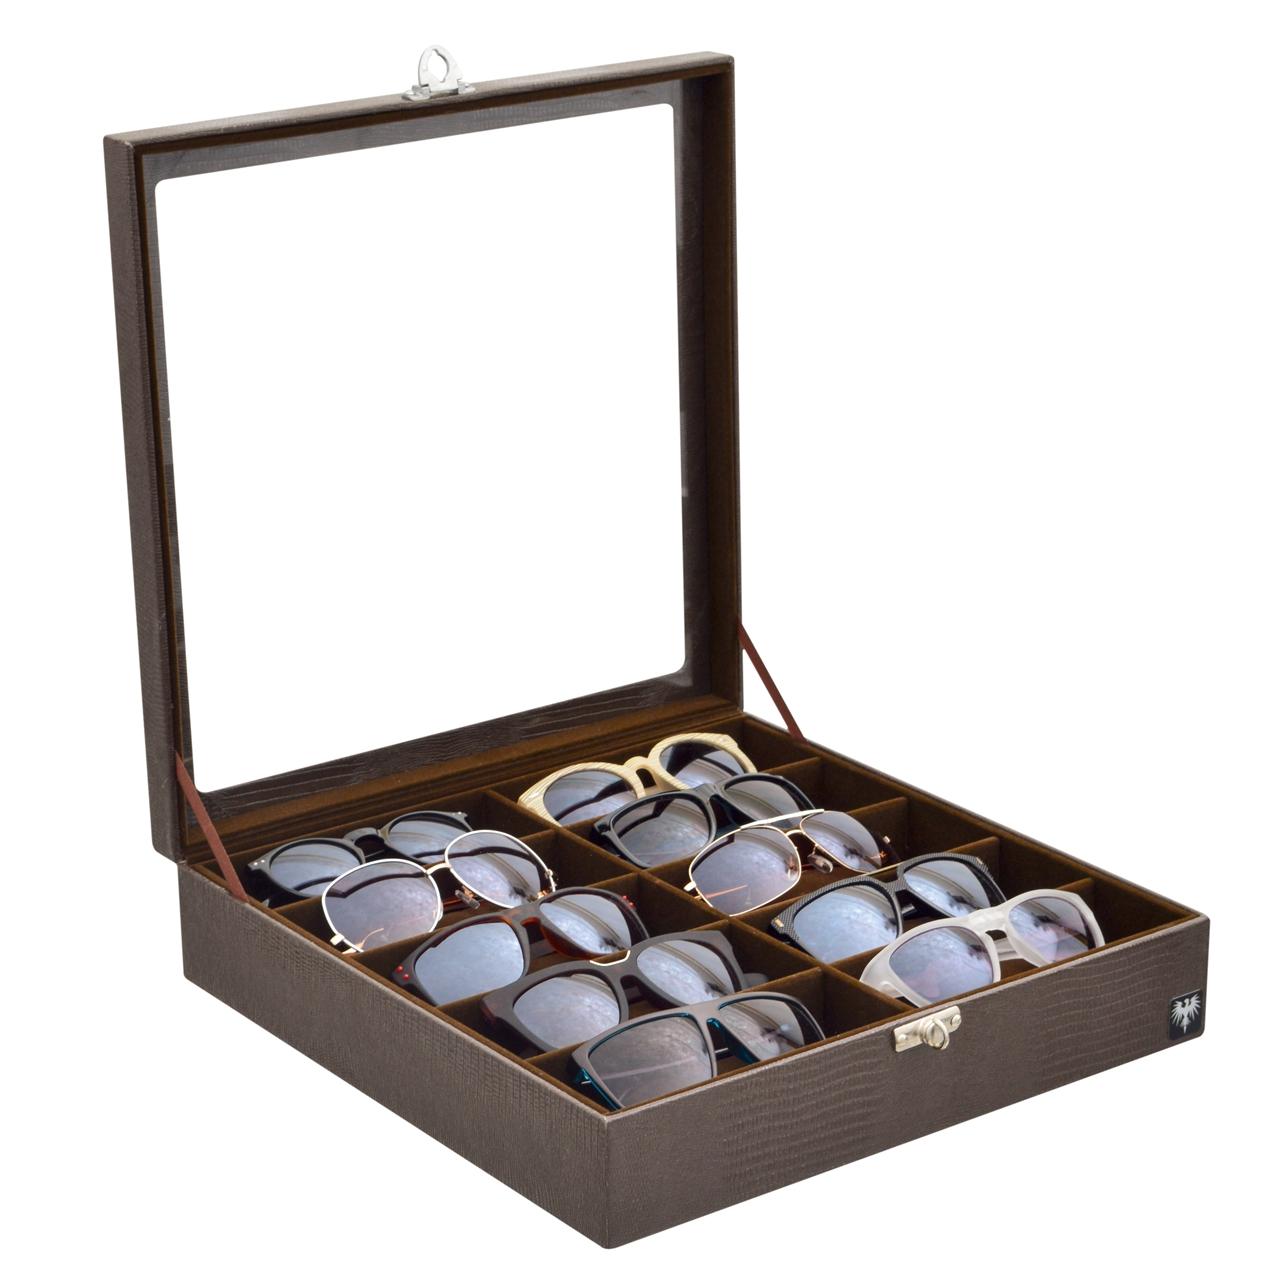 estojo-couro-ecologico-10-oculos-marrom-marrom-porta-caixa-imagem-2.jpg